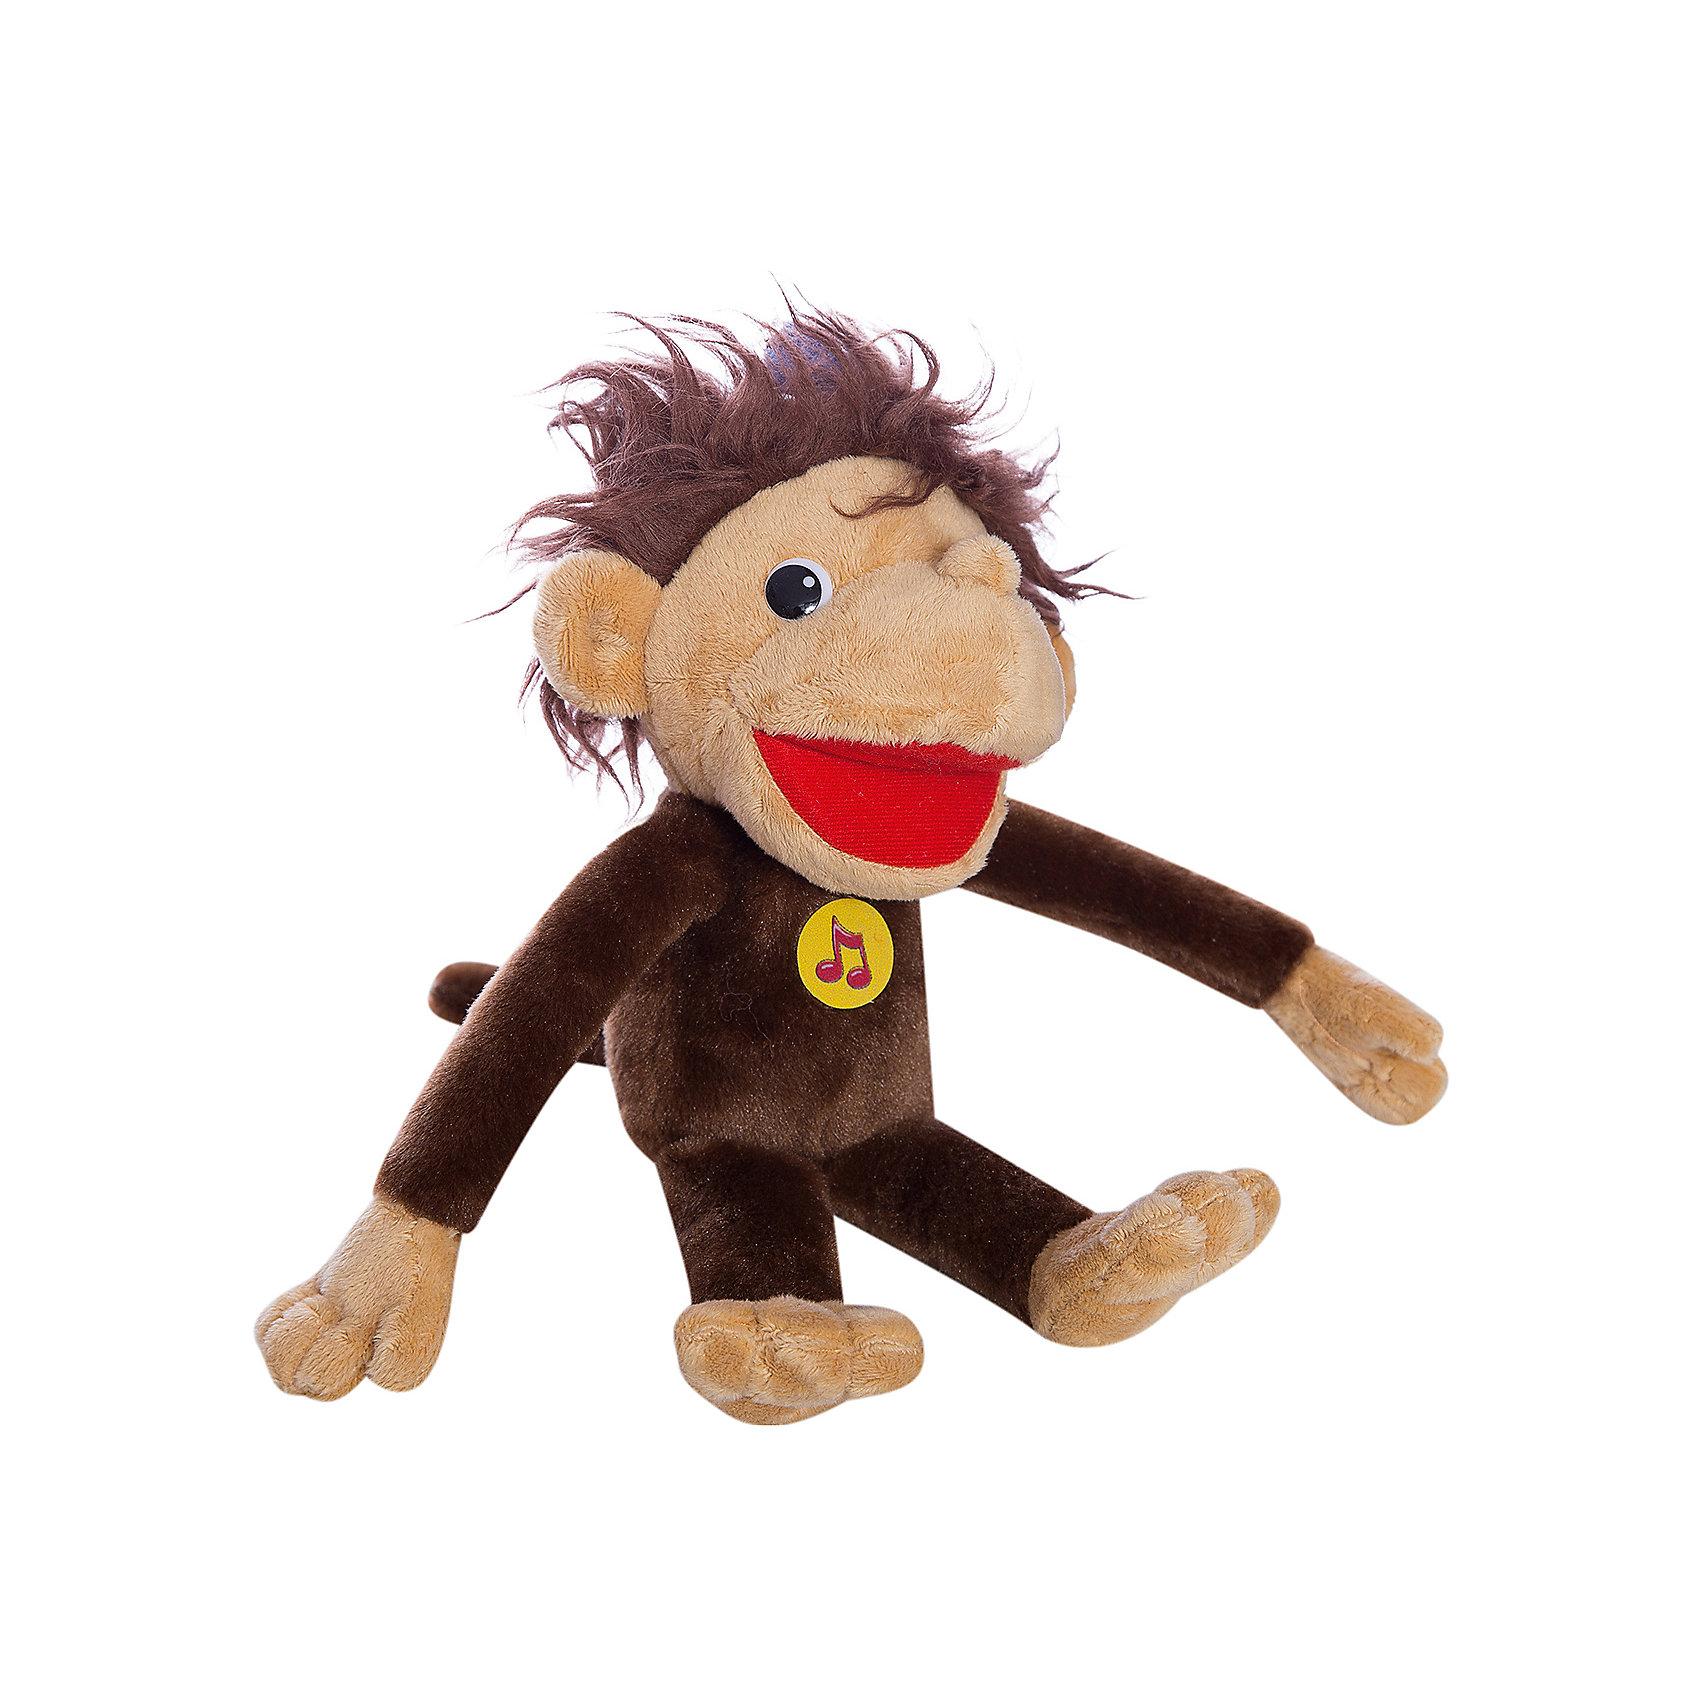 Мягкая игрушка Мартышка 38 попугаев, 28 см, со звуком, МУЛЬТИ-ПУЛЬТИЛюбимые герои<br>Мягкая игрушка Мартышка 38 попугаев со звуком от марки МУЛЬТИ-ПУЛЬТИ<br><br>Говорящая мягкая игрушка от отечественного производителя сделана в виде известного персонажа из мультфильма. Она поможет ребенку проводить время весело и с пользой. В игрушке есть встроенный звуковой модуль, который позволяет мартышке произносить фразы из мультфильма 38 попугаев.<br>Размер игрушки универсален - 28 сантиметров, её удобно брать с собой в поездки и на прогулку. Сделана мартышка из качественных и безопасных для ребенка материалов, которые еще и приятны на ощупь. <br><br>Отличительные особенности игрушки:<br><br>- материал: текстиль, пластик;<br>- звуковой модуль;<br>- язык: русский;<br>- произносит фразы из мультфильма;<br>- работает на батарейках;<br>- высота: 28 см.<br><br>Мягкую игрушку Мартышка 38 попугаев от марки МУЛЬТИ-ПУЛЬТИ можно купить в нашем магазине.<br><br>Ширина мм: 500<br>Глубина мм: 390<br>Высота мм: 420<br>Вес г: 150<br>Возраст от месяцев: 36<br>Возраст до месяцев: 84<br>Пол: Унисекс<br>Возраст: Детский<br>SKU: 4659467